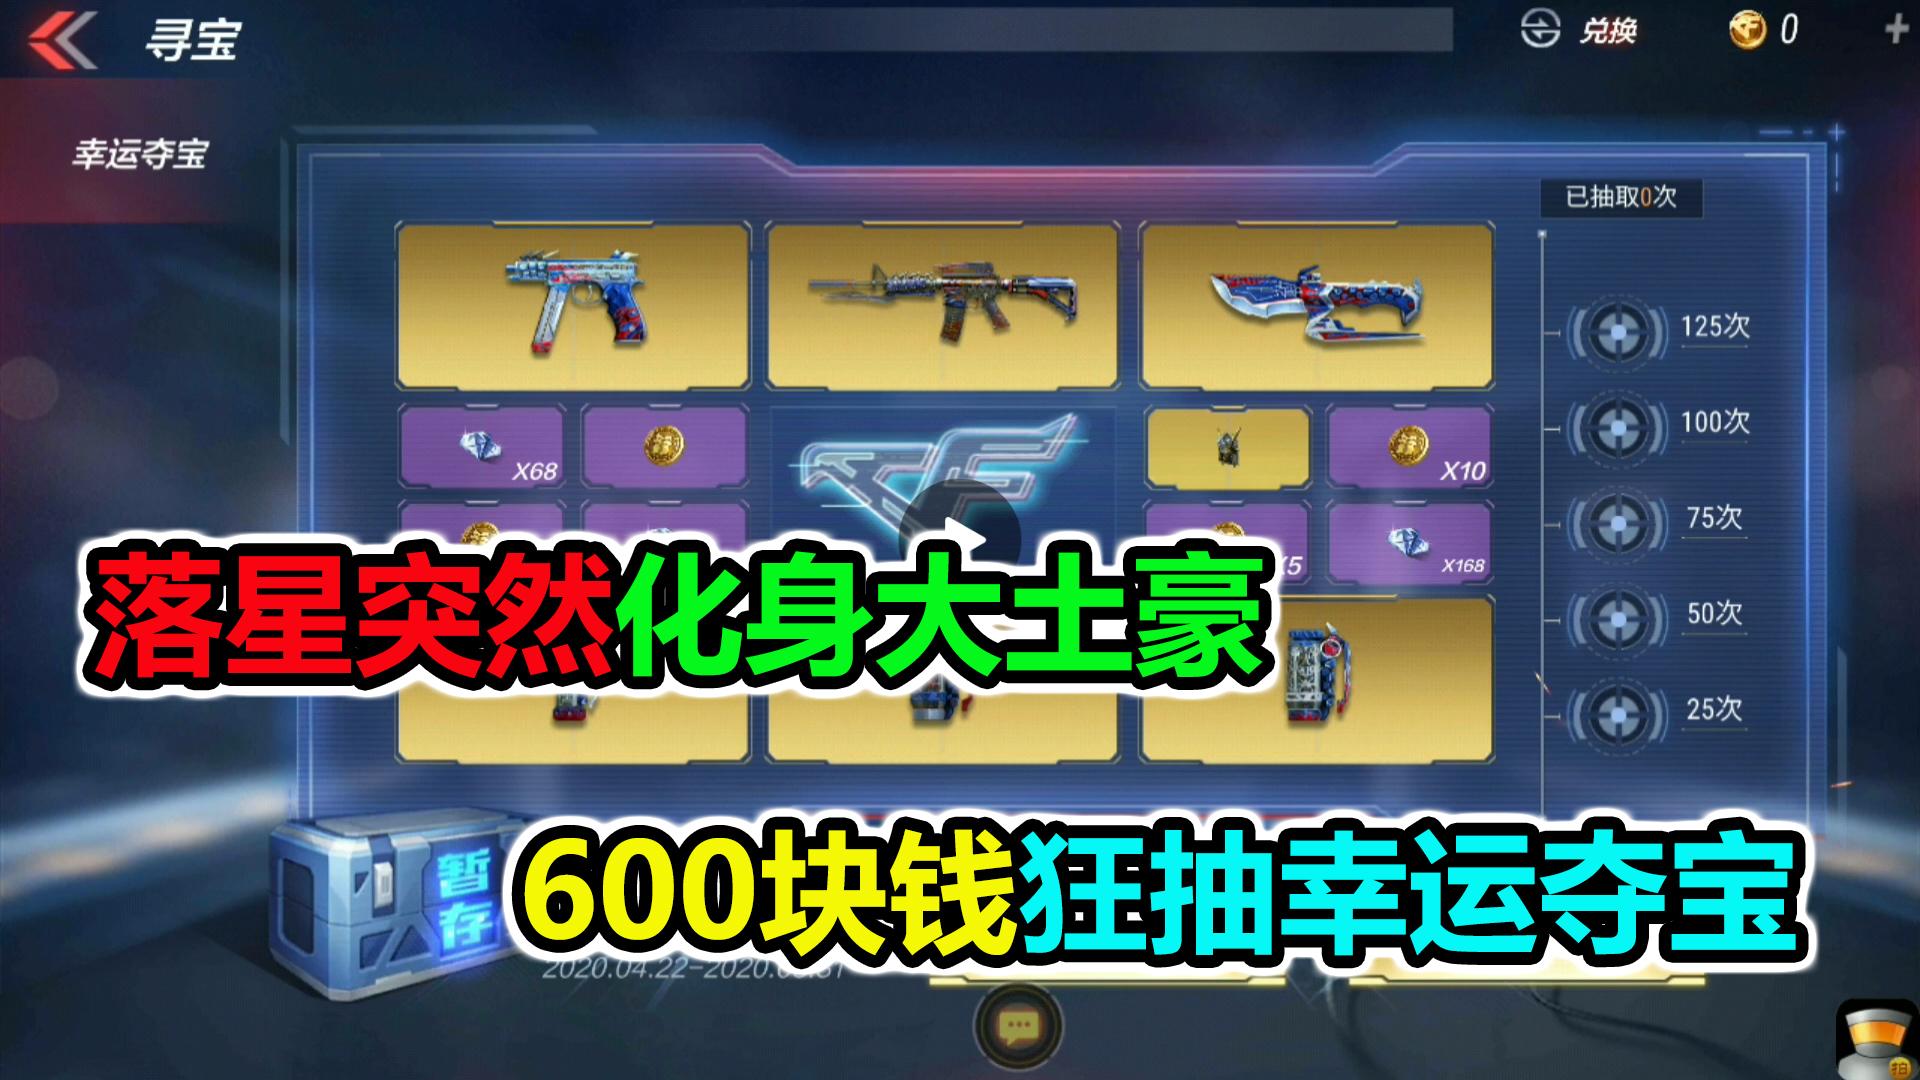 落星:600块钱试水幸运夺宝,这些英雄武器全部打包带走